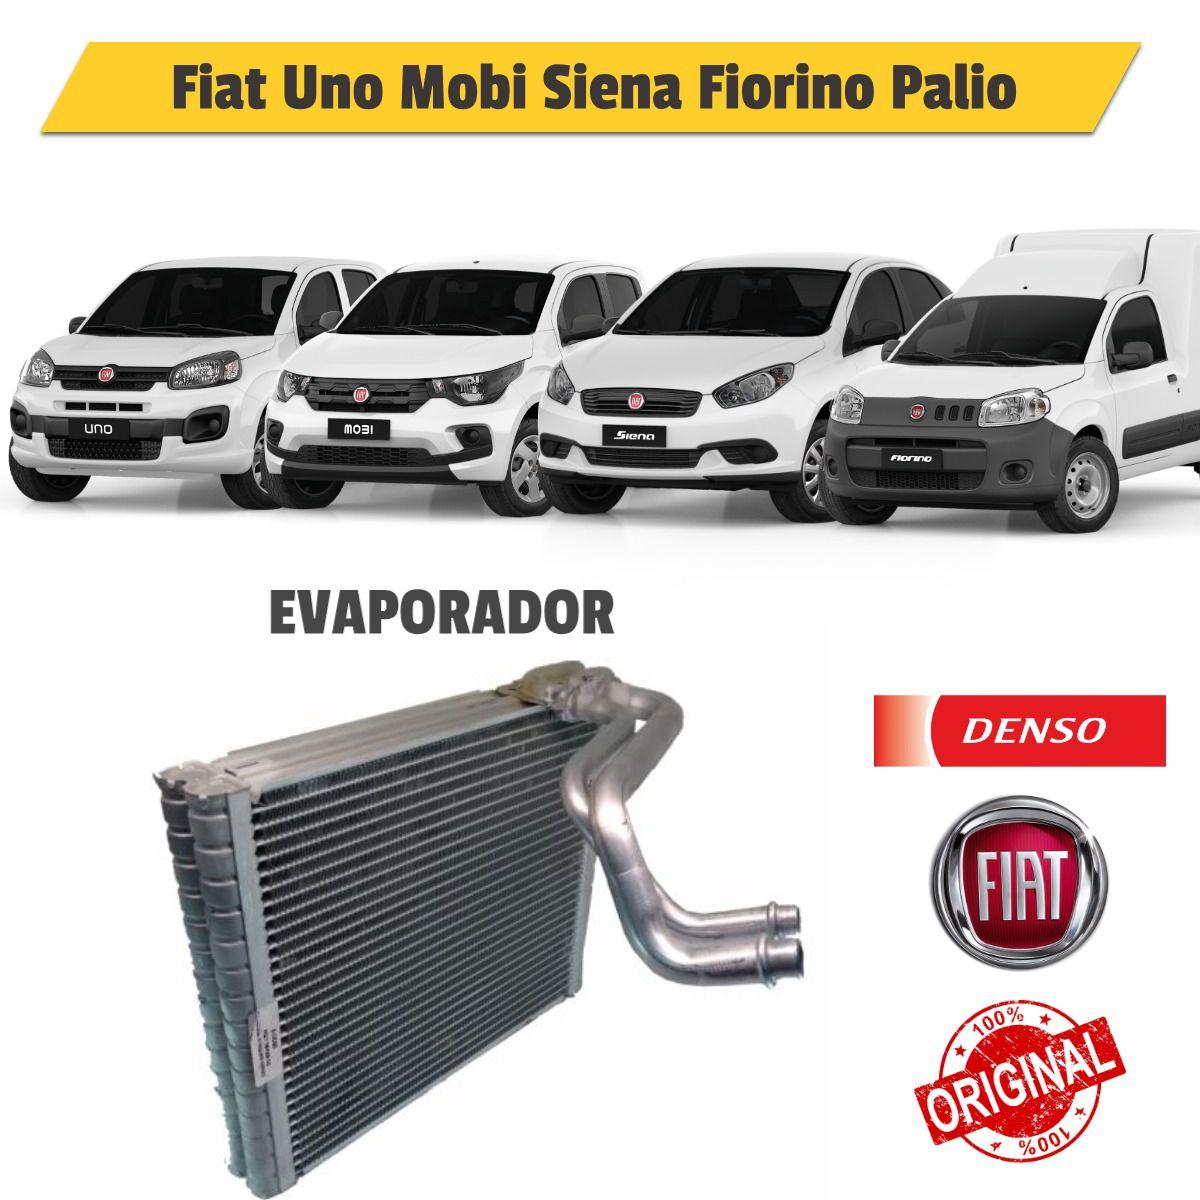 Evaporador Fiat Grand Siena, Mobi, Novo Palio, Fiorino Mod BC446010-6660RC - Denso